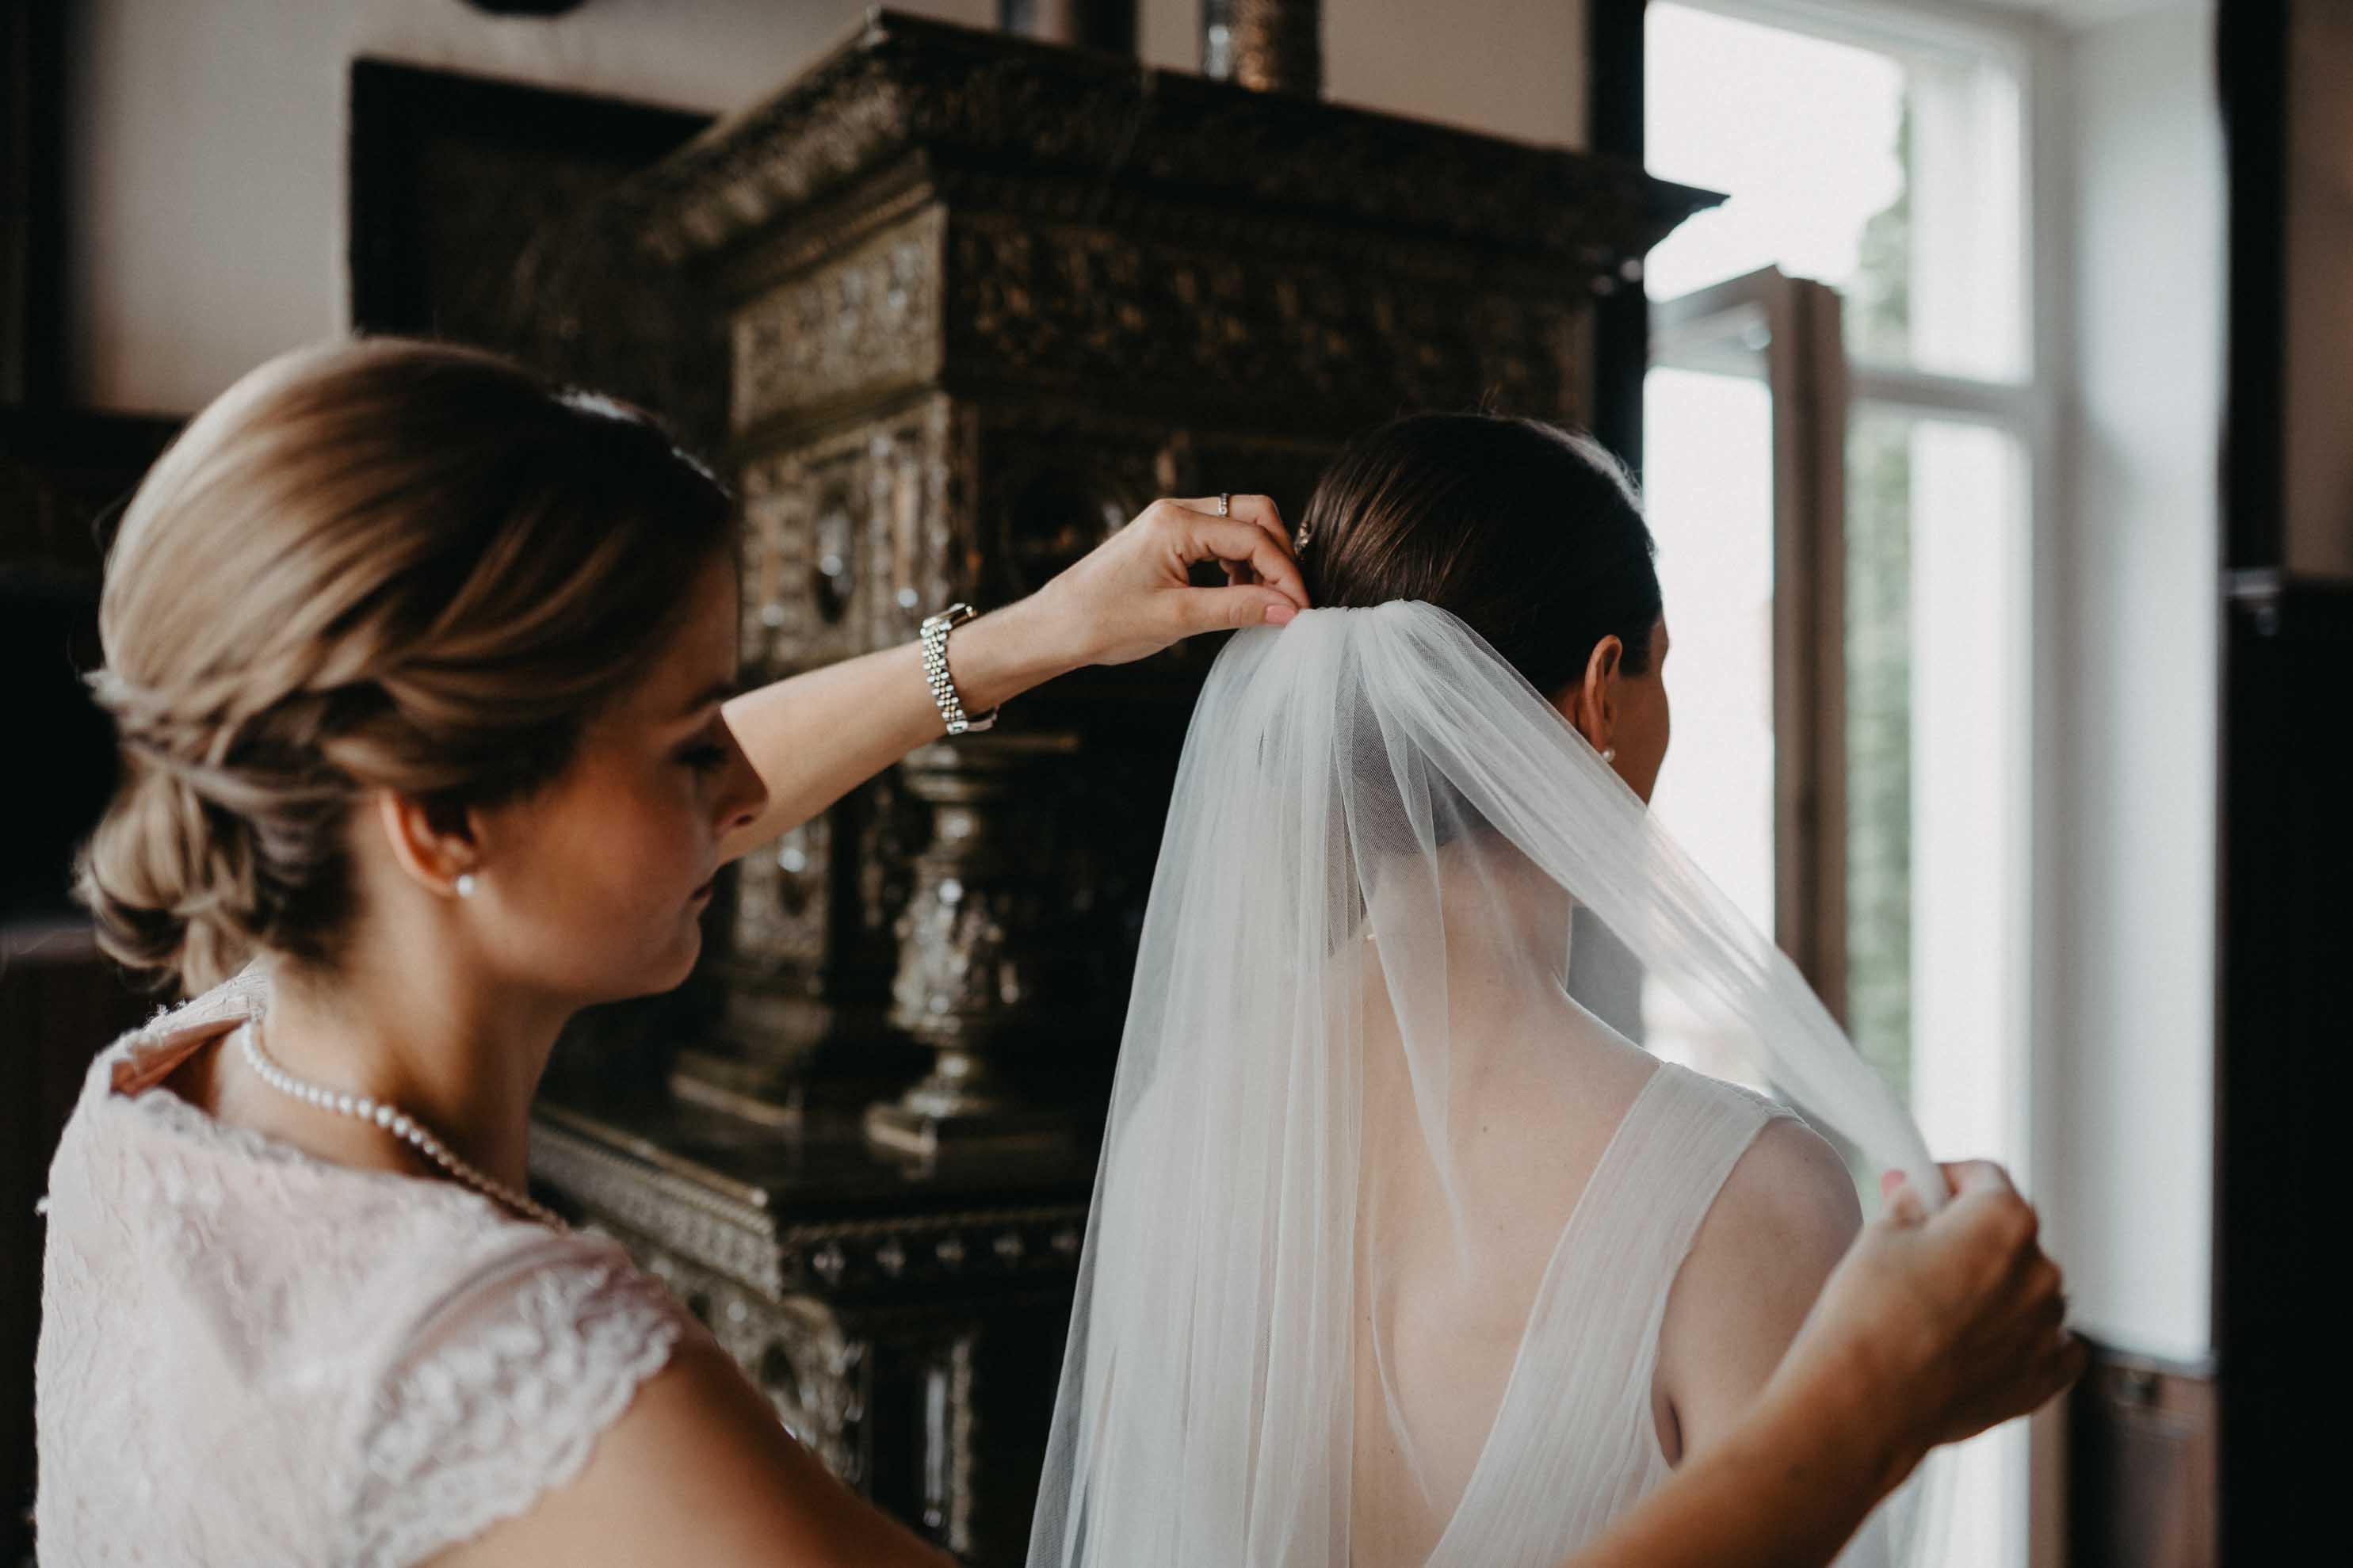 Der Braut wird ihr Schleier angesteckt.